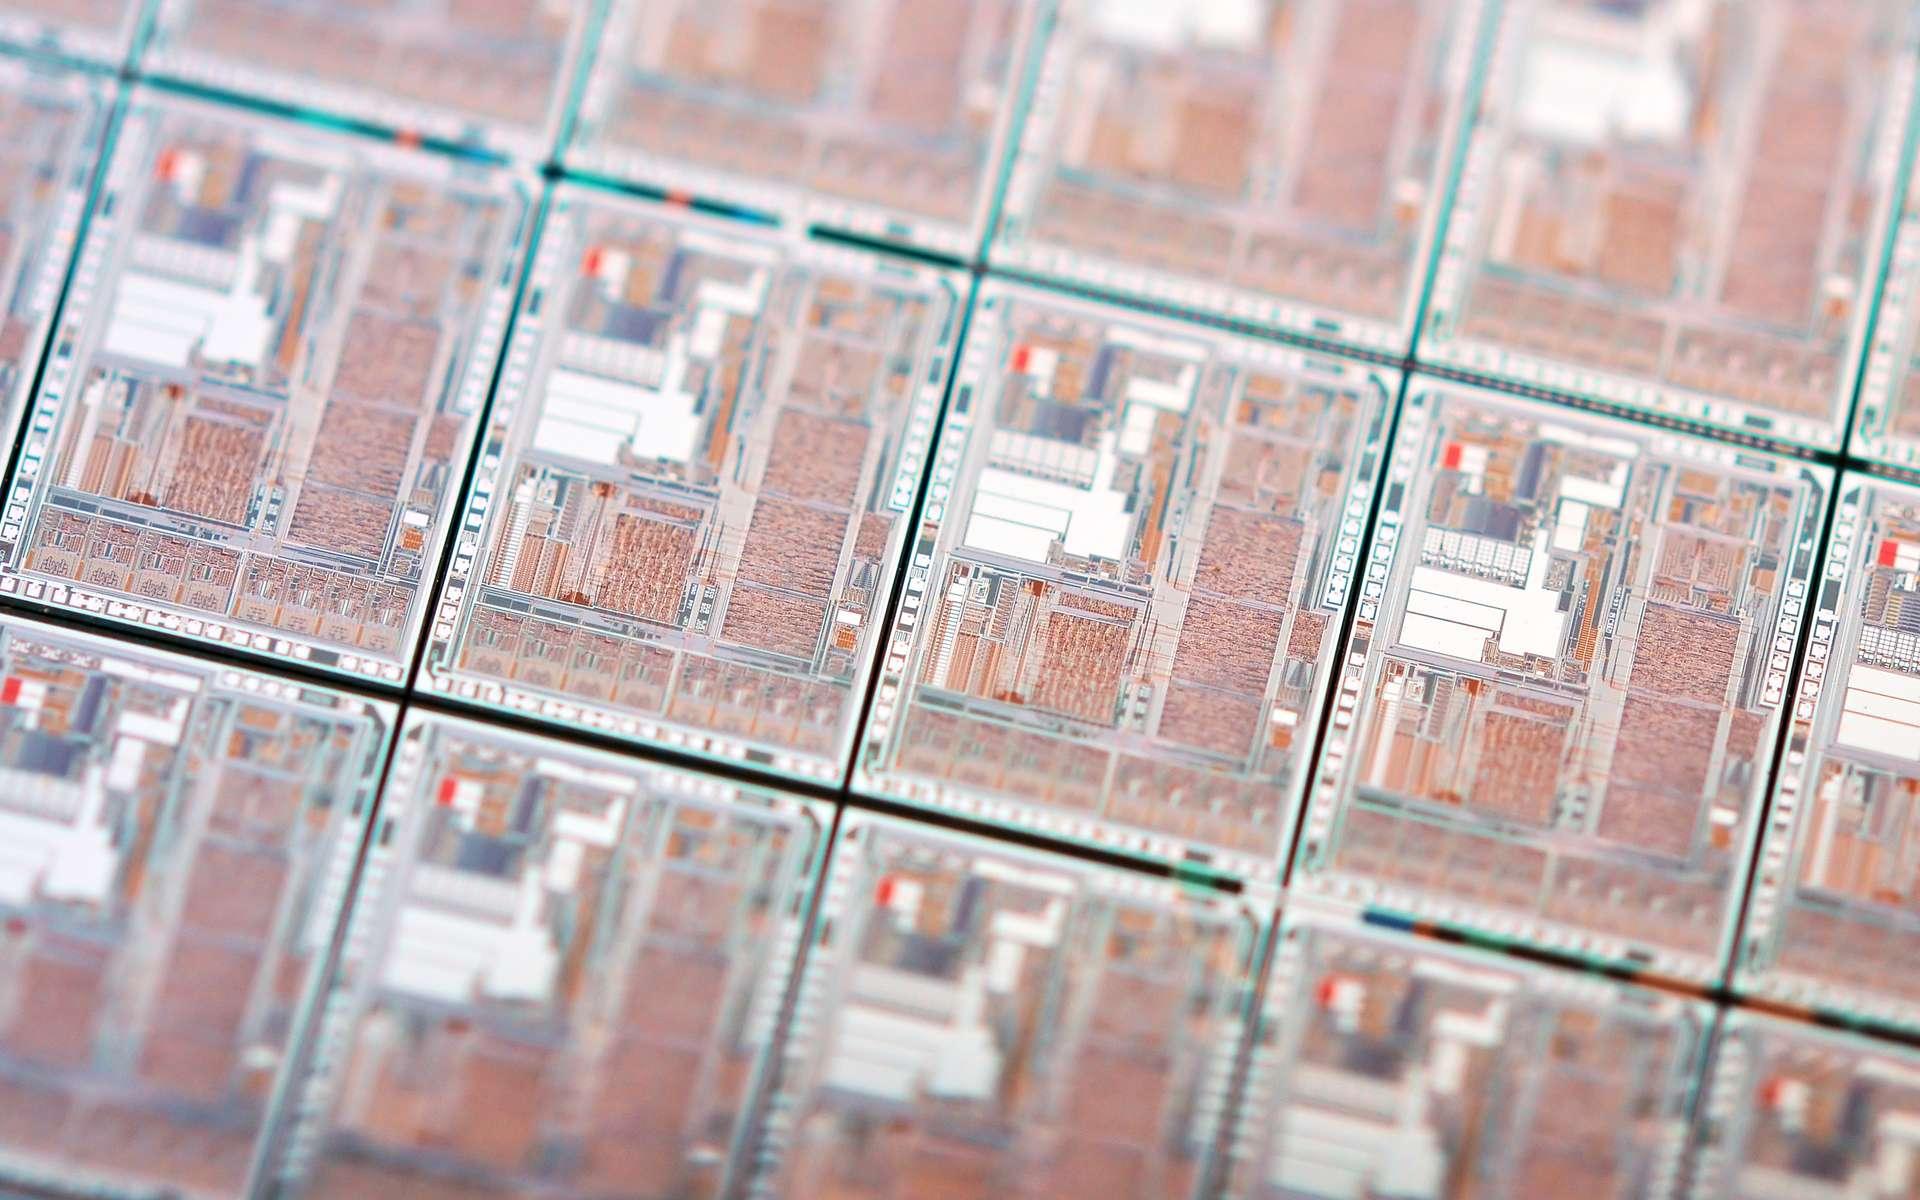 Pour limiter l'impact environnemental des systèmes électroniques à base de silicium - ici, une série de micropuces -, les chercheurs imaginent des dispositifs biodégradables. © Tambako The Jaguar, Flickr, CC by-nd 2.0